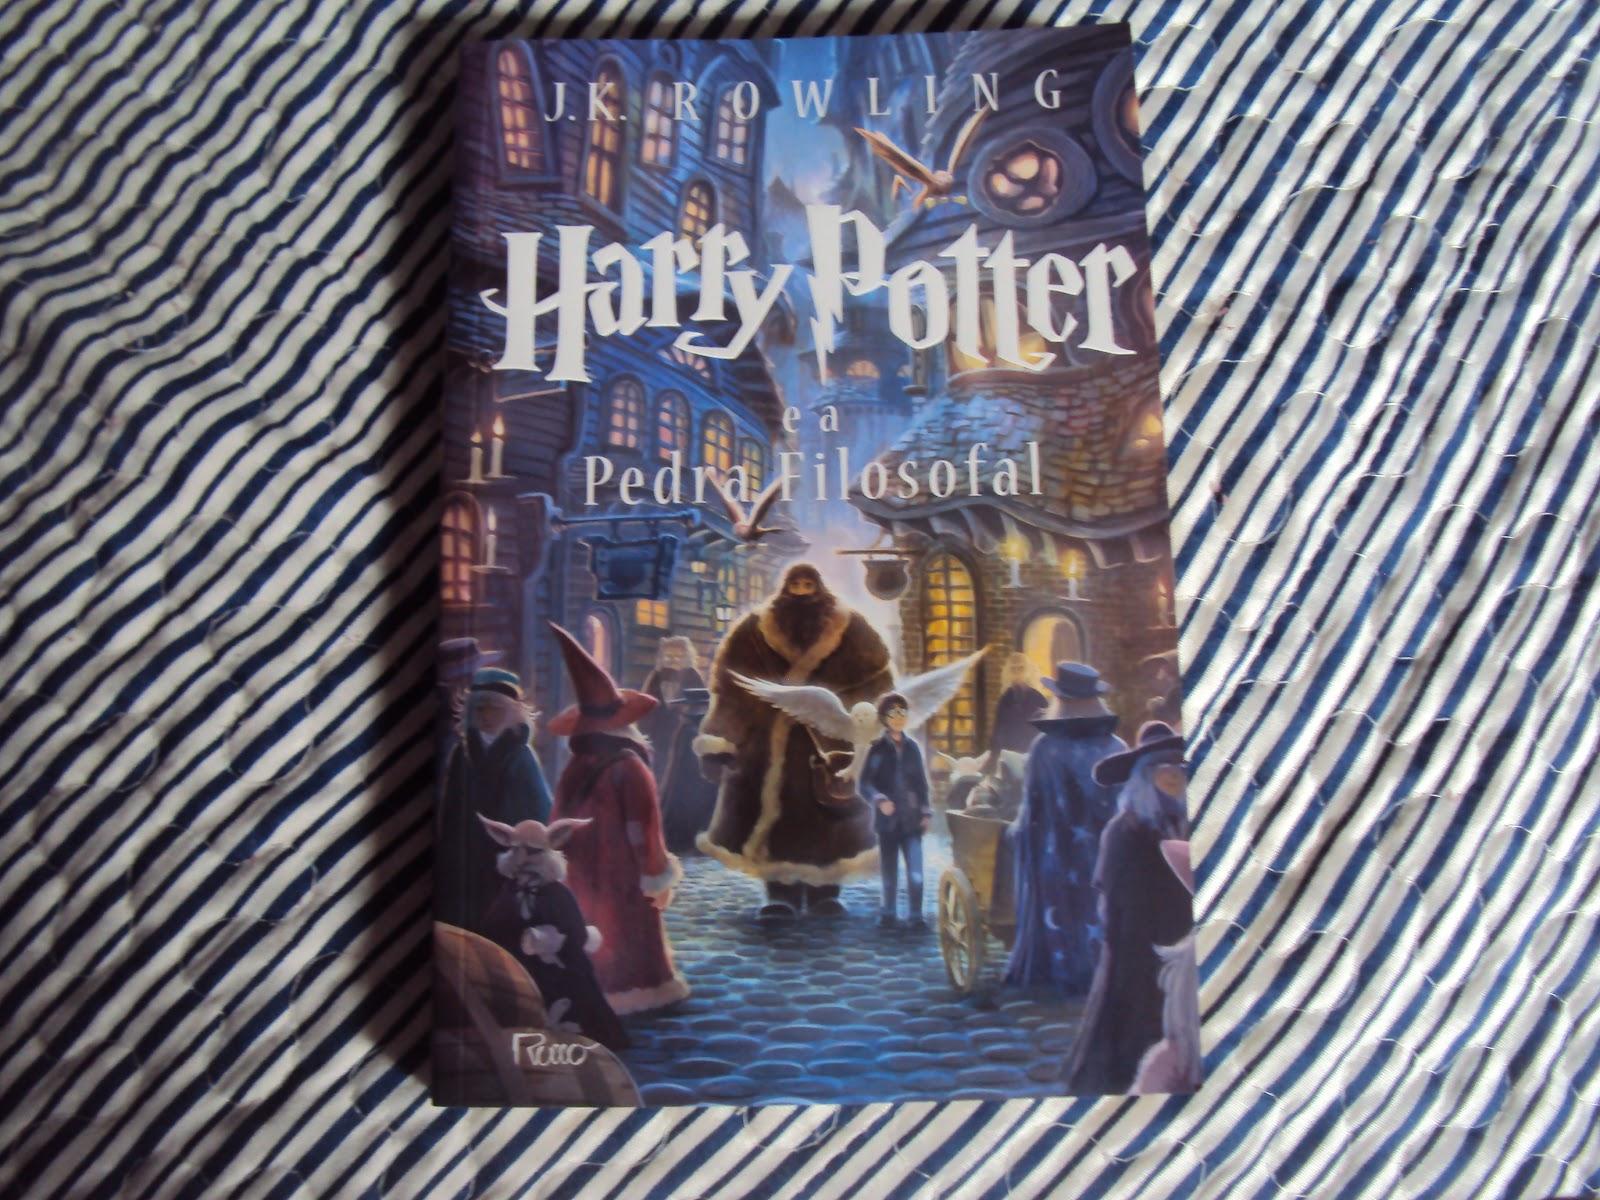 Harry Potter É A Pedra Filosofal for resenha - harry potter e a pedra filosofal - interesses sutis